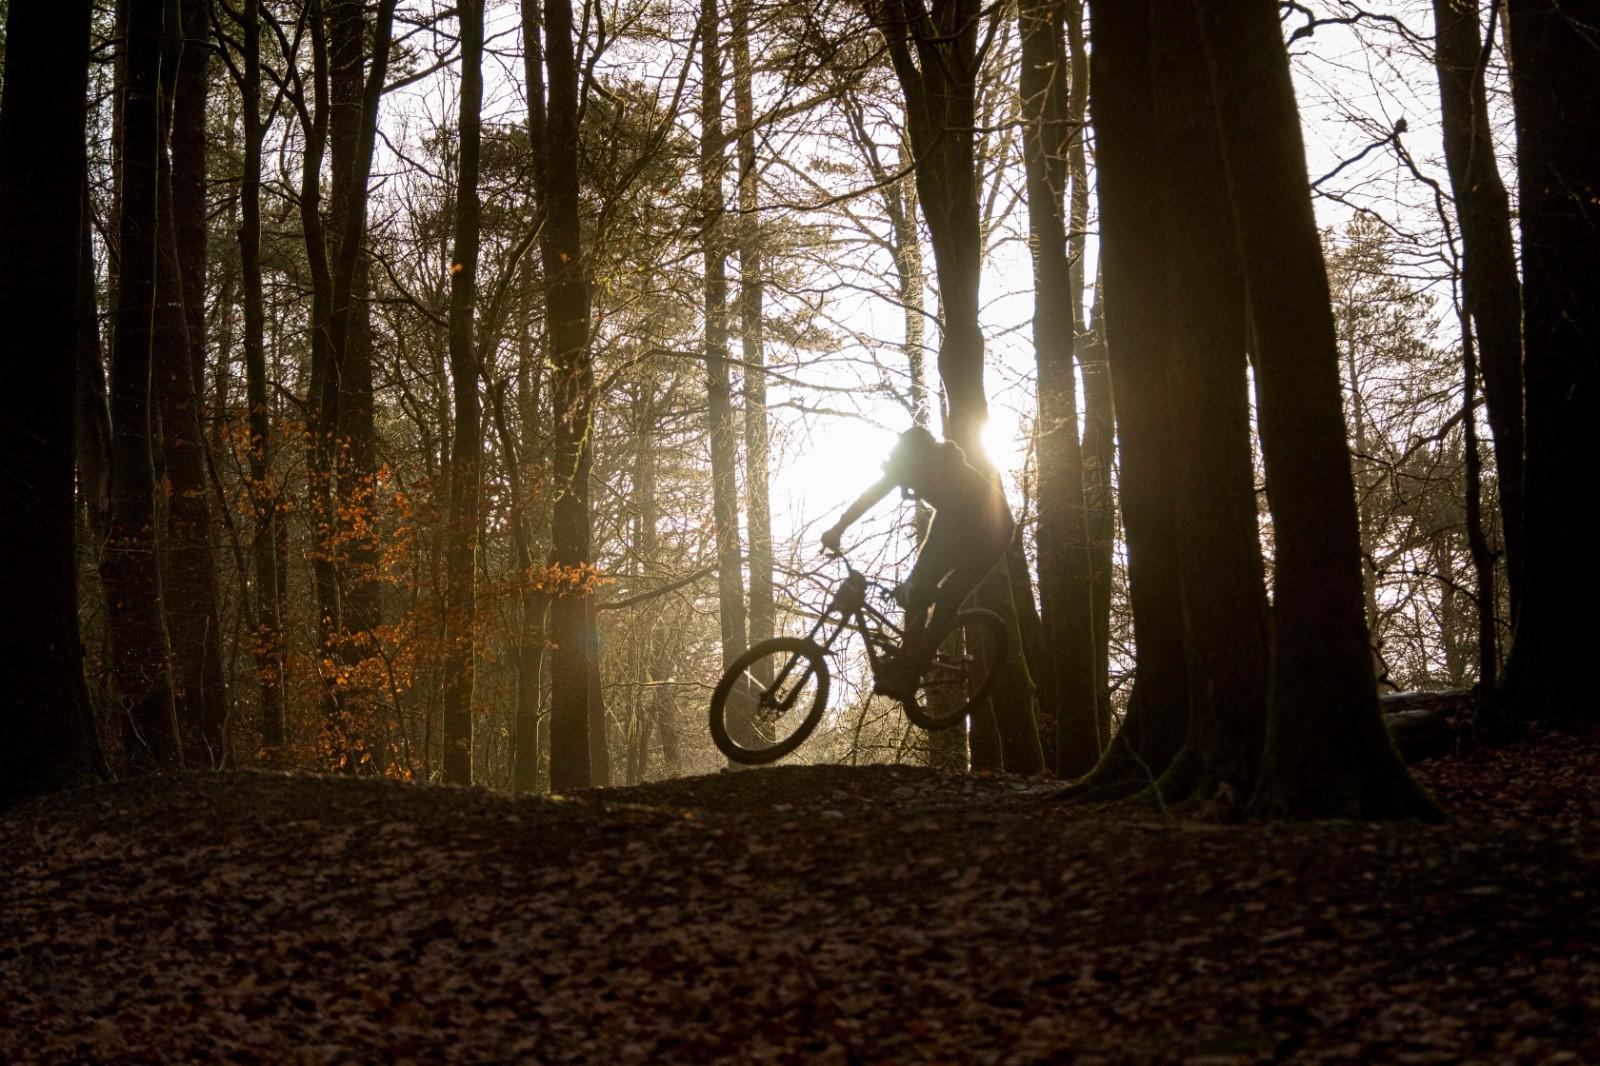 4F3EA423-9CC6-42E8-97B5-DB11881CF26A - martin dunn - Mountain Biking Pictures - Vital MTB